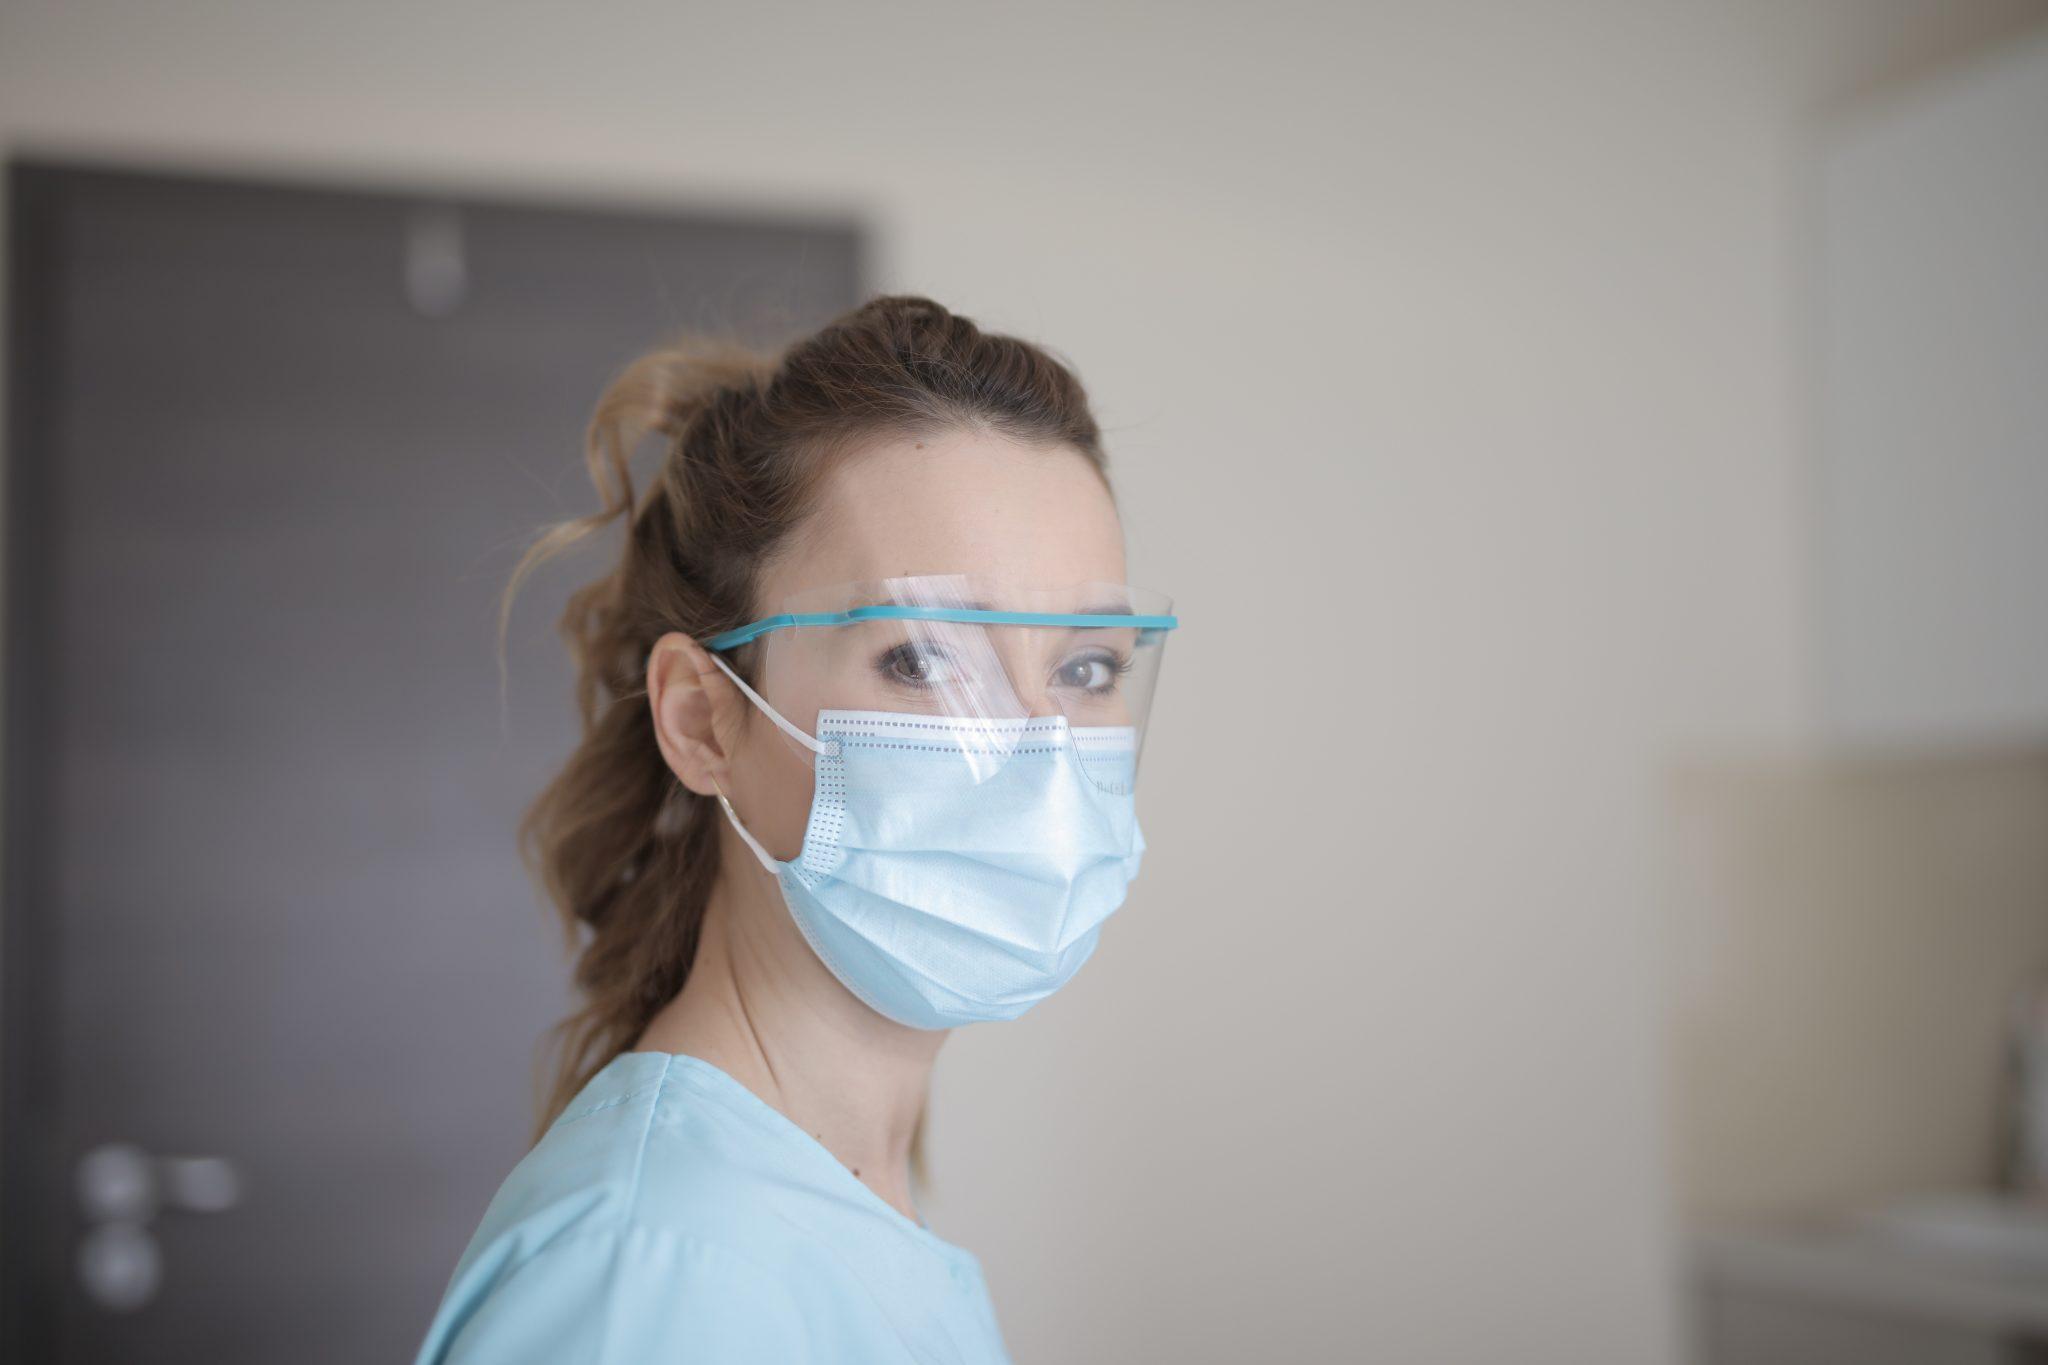 Frankreich ist mit 30.000 Toten hart von der Pandemie getroffen. Nun wurde der nantionale Notstand, der seit März herrschte, beendet.